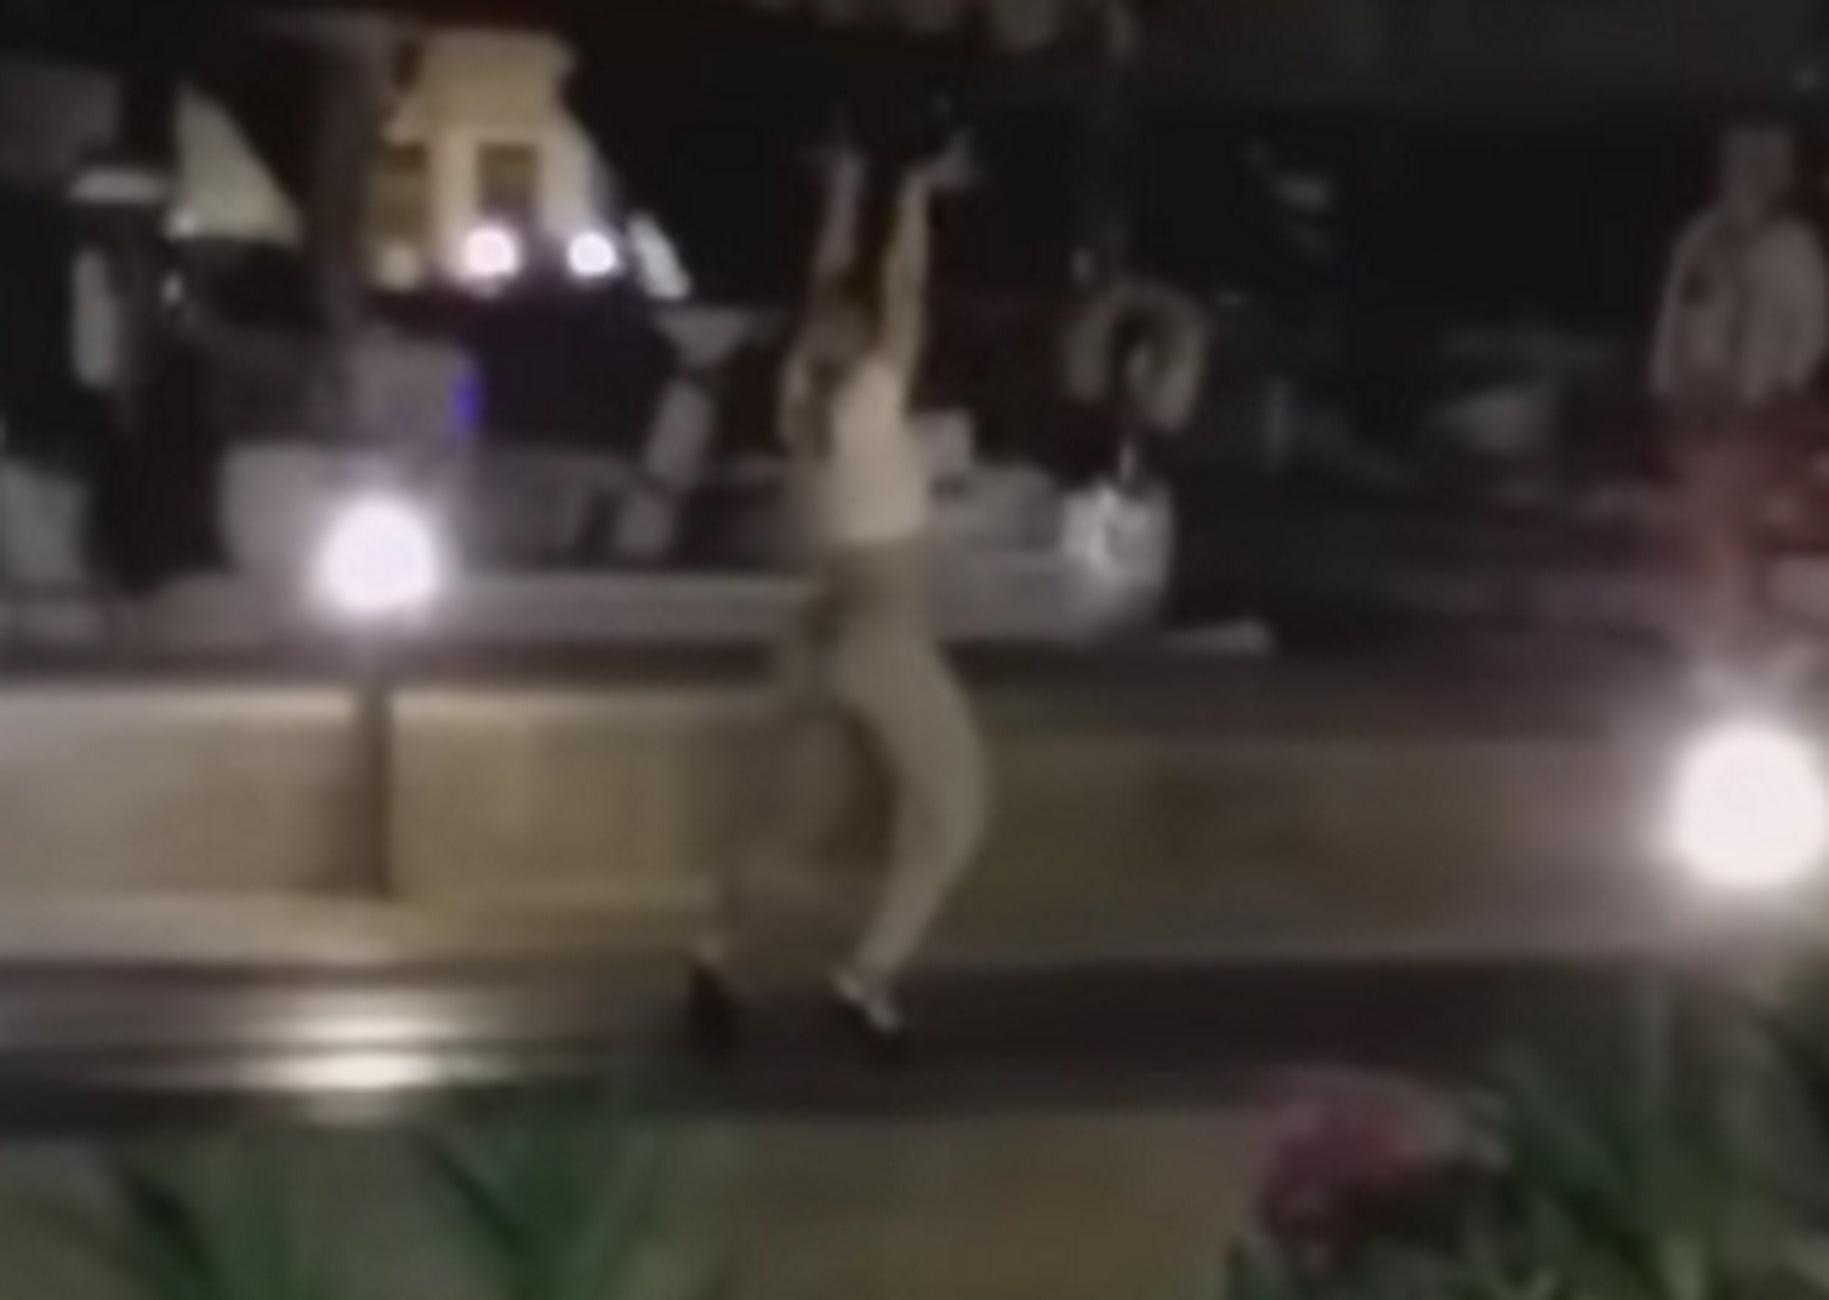 Σύρος: Βγήκε από το κότερο με ψηλοτάκουνα και χάρισε θέαμα – Αισθησιακός χορός στη μέση του δρόμου – video